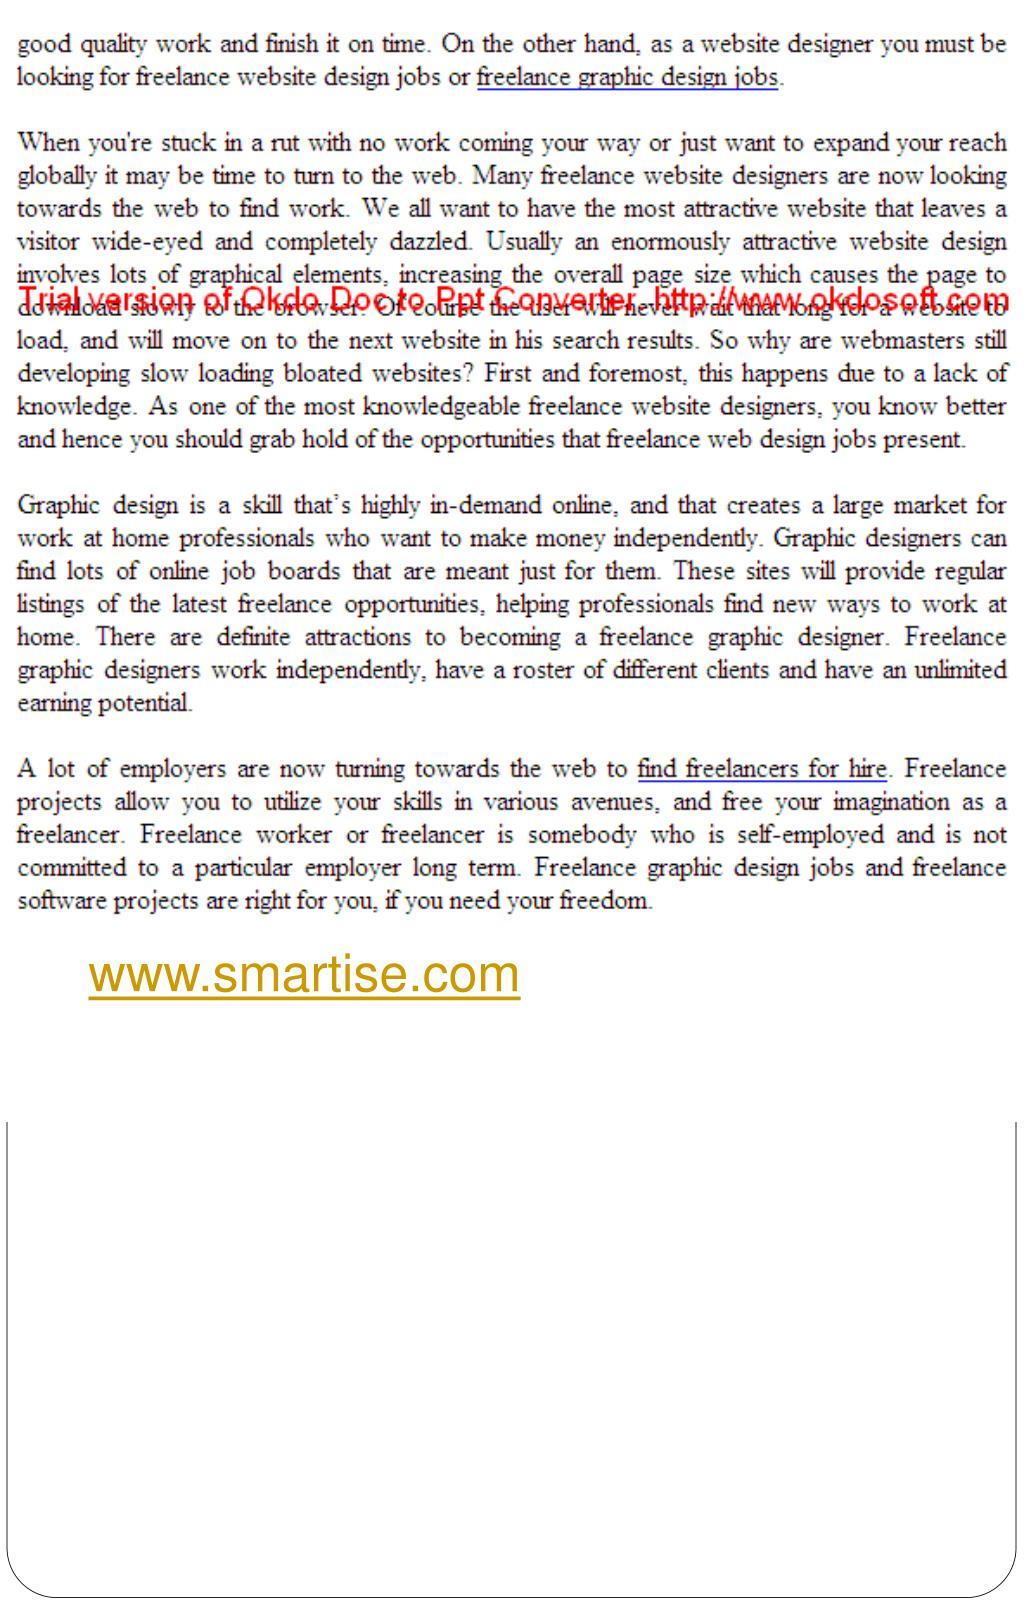 www.smartise.com